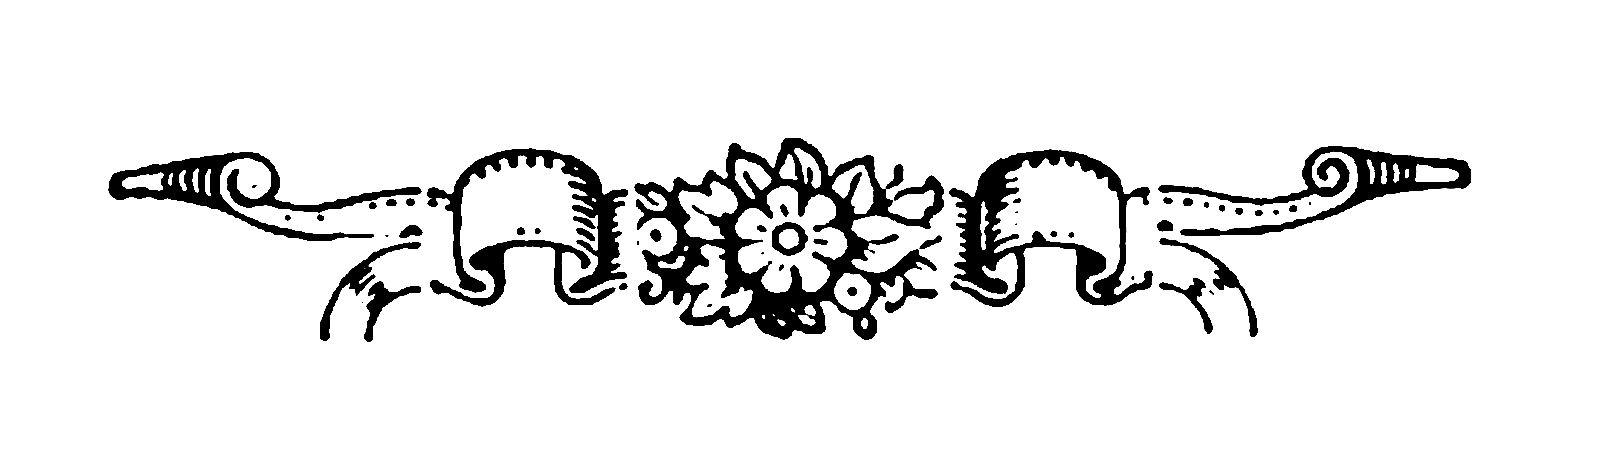 Digital Stamp Design Antique Scroll Digital Border Crafting Designs